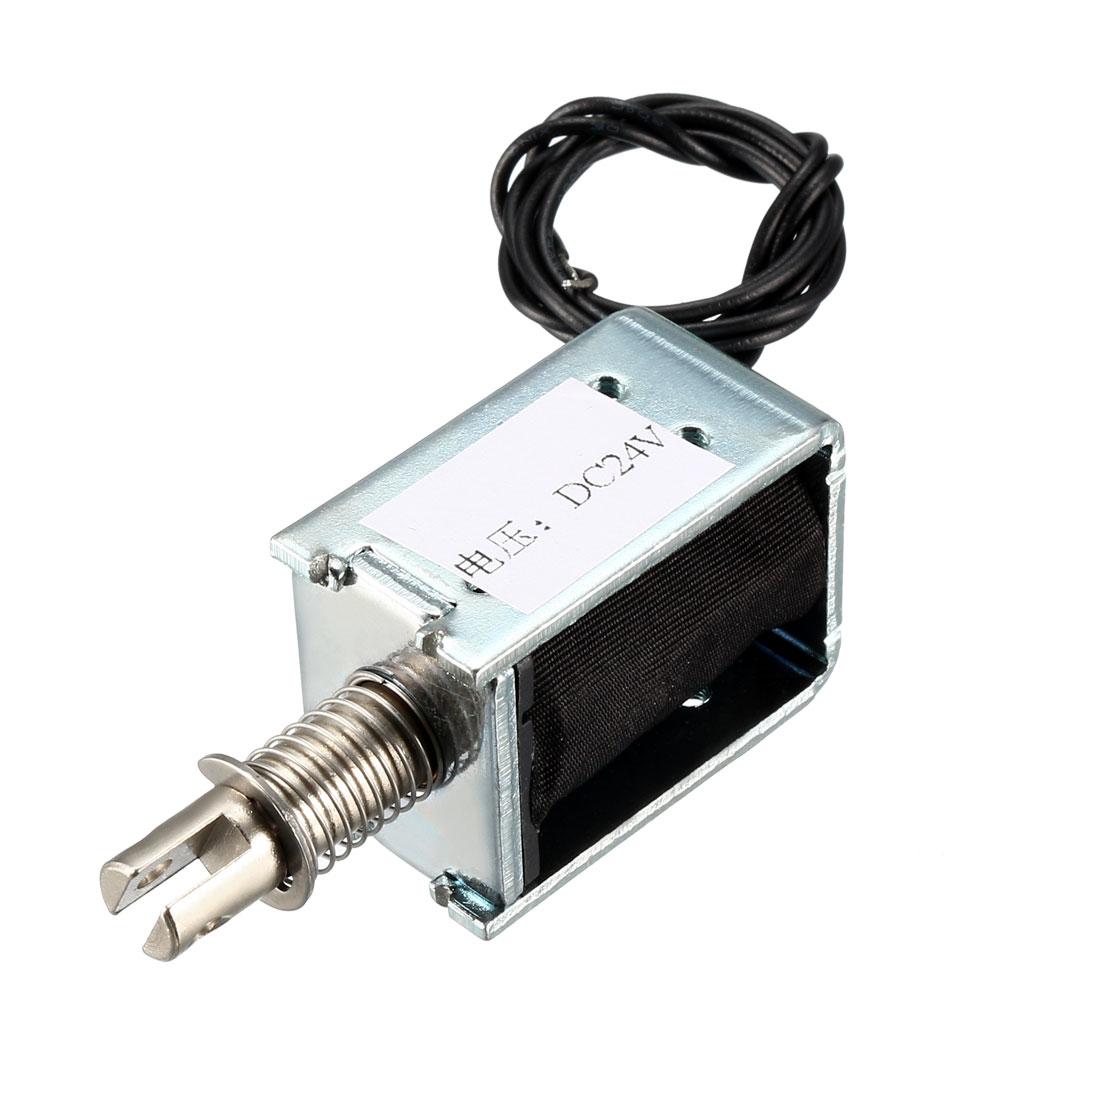 DC 24V Push Pull Type Solenoid Electromagnet, Open Frame, 5mm/400g 10mm/180g